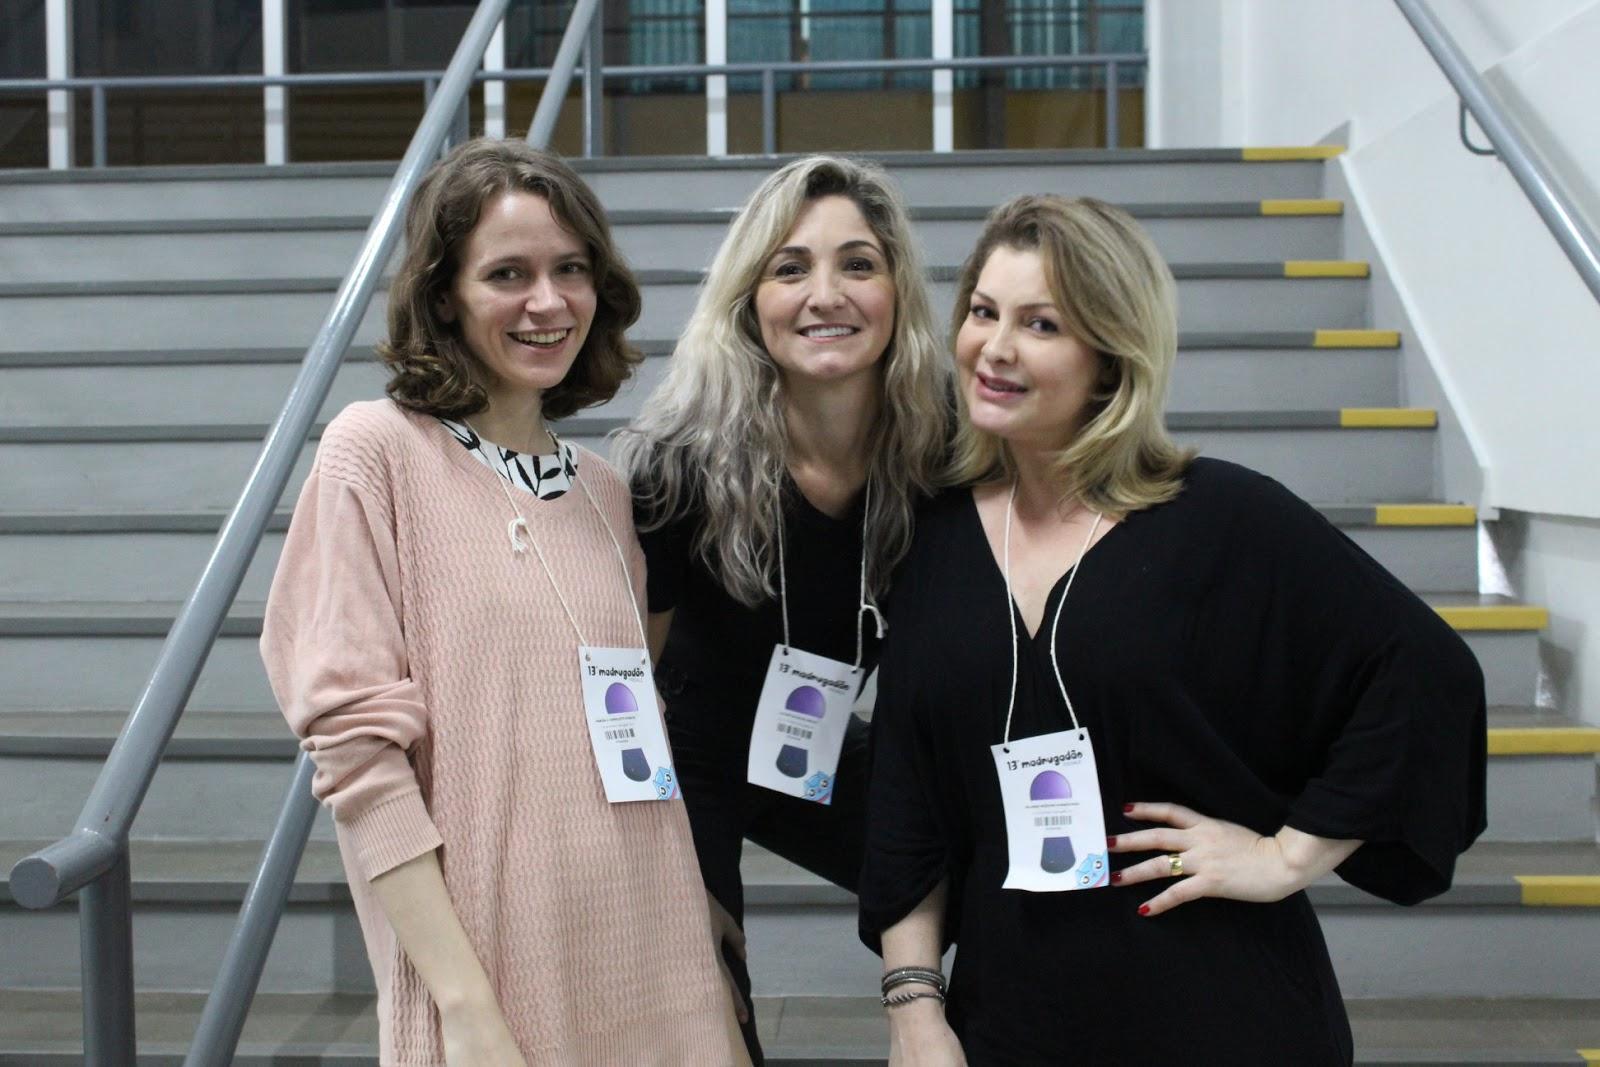 Marina Ribacki: Circuito de Moda Feevale - 2019